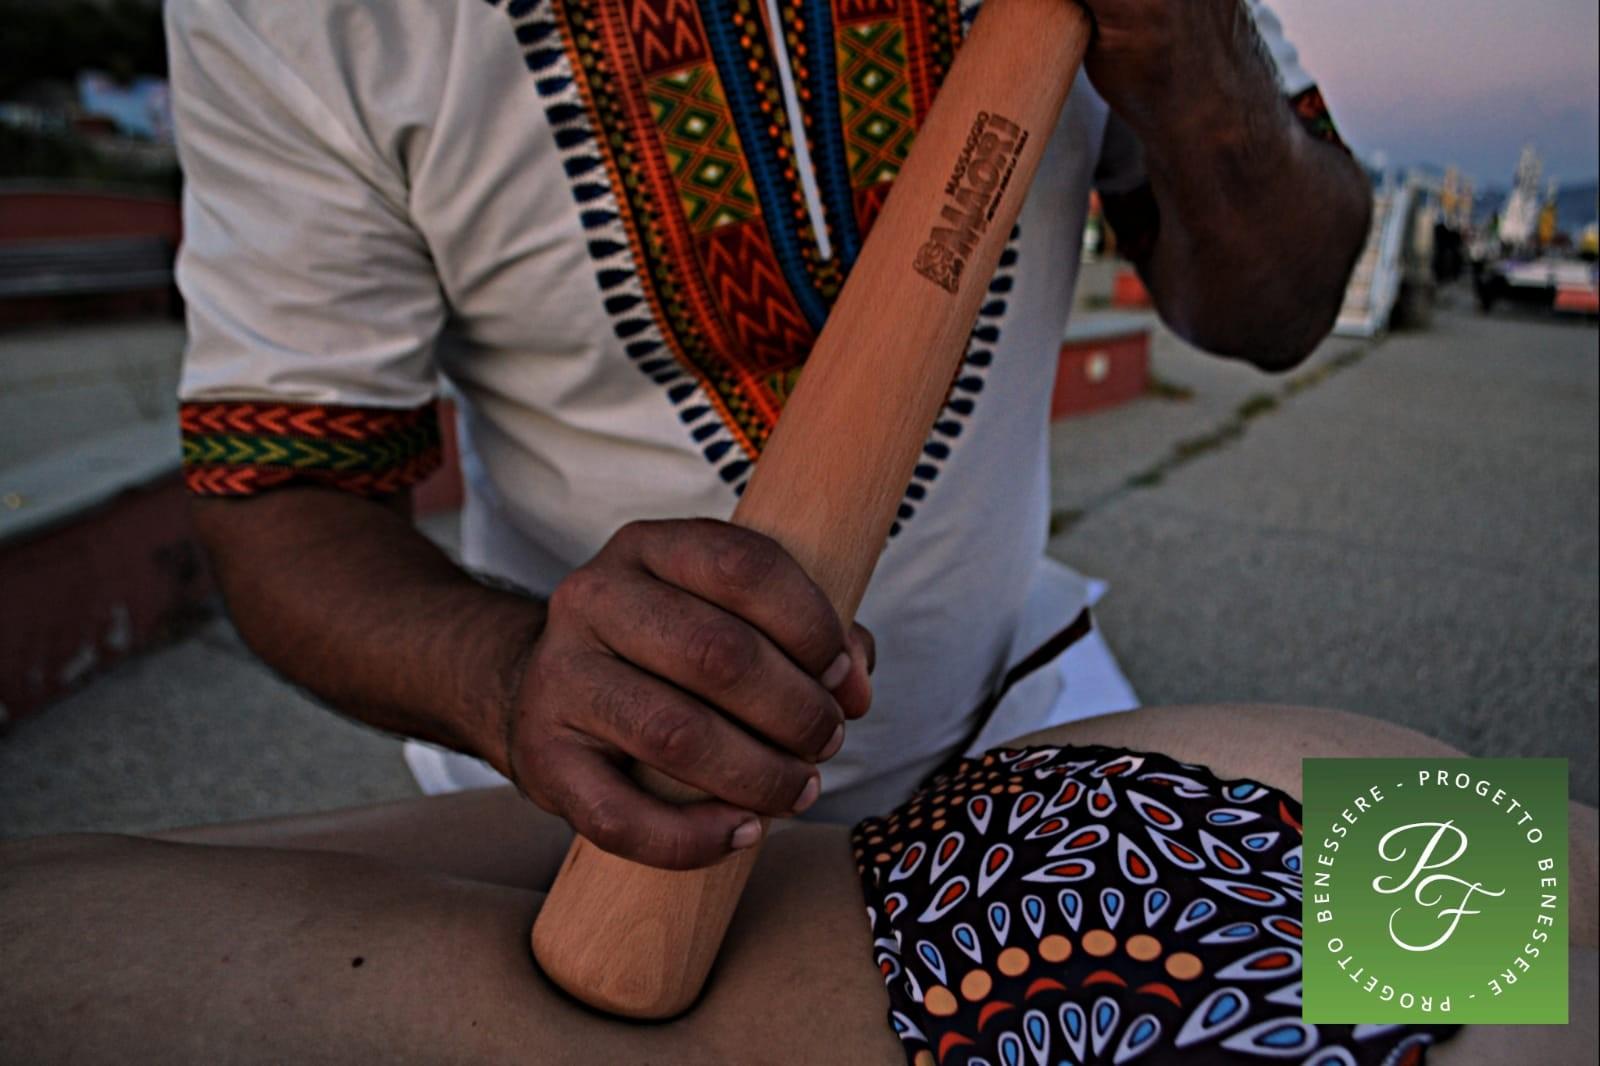 Nuova apertura! per 1 massaggio da 60 minuti a scelta tra maori, coppettazione, decontratturante,  rilassante o linfodrenante nella centralissima Piazza Colombo da Pf Progetto Benessere!